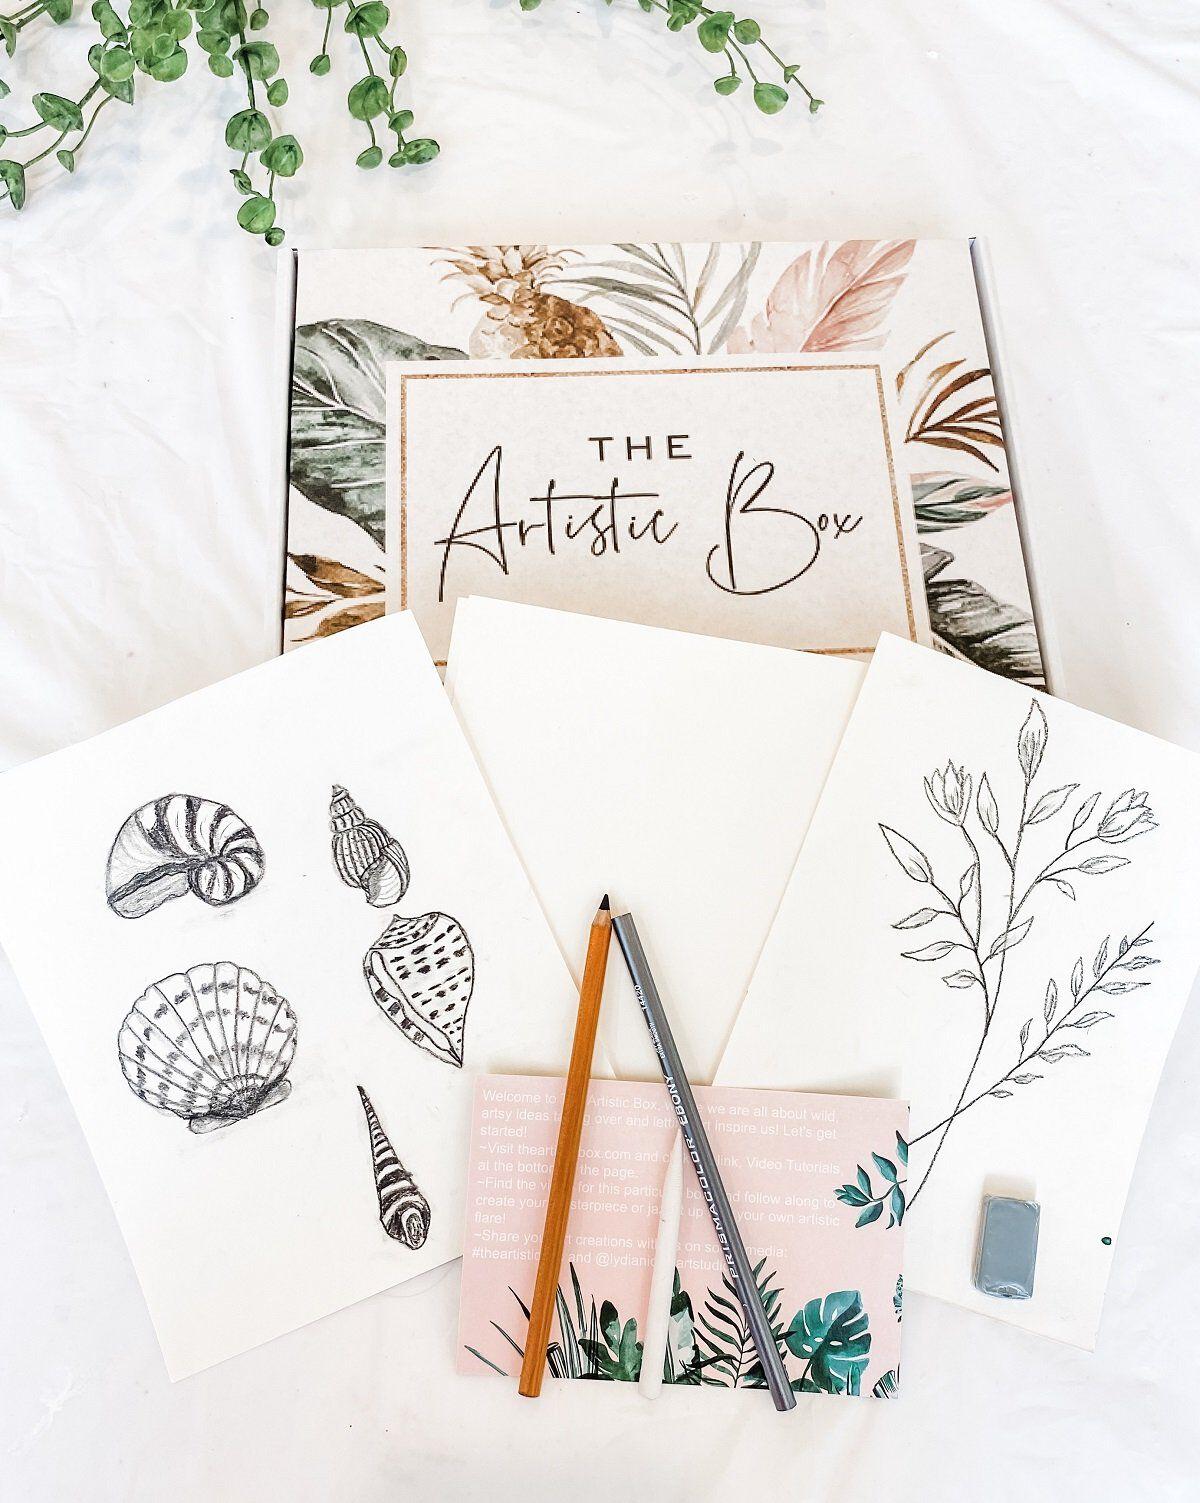 the artistic box